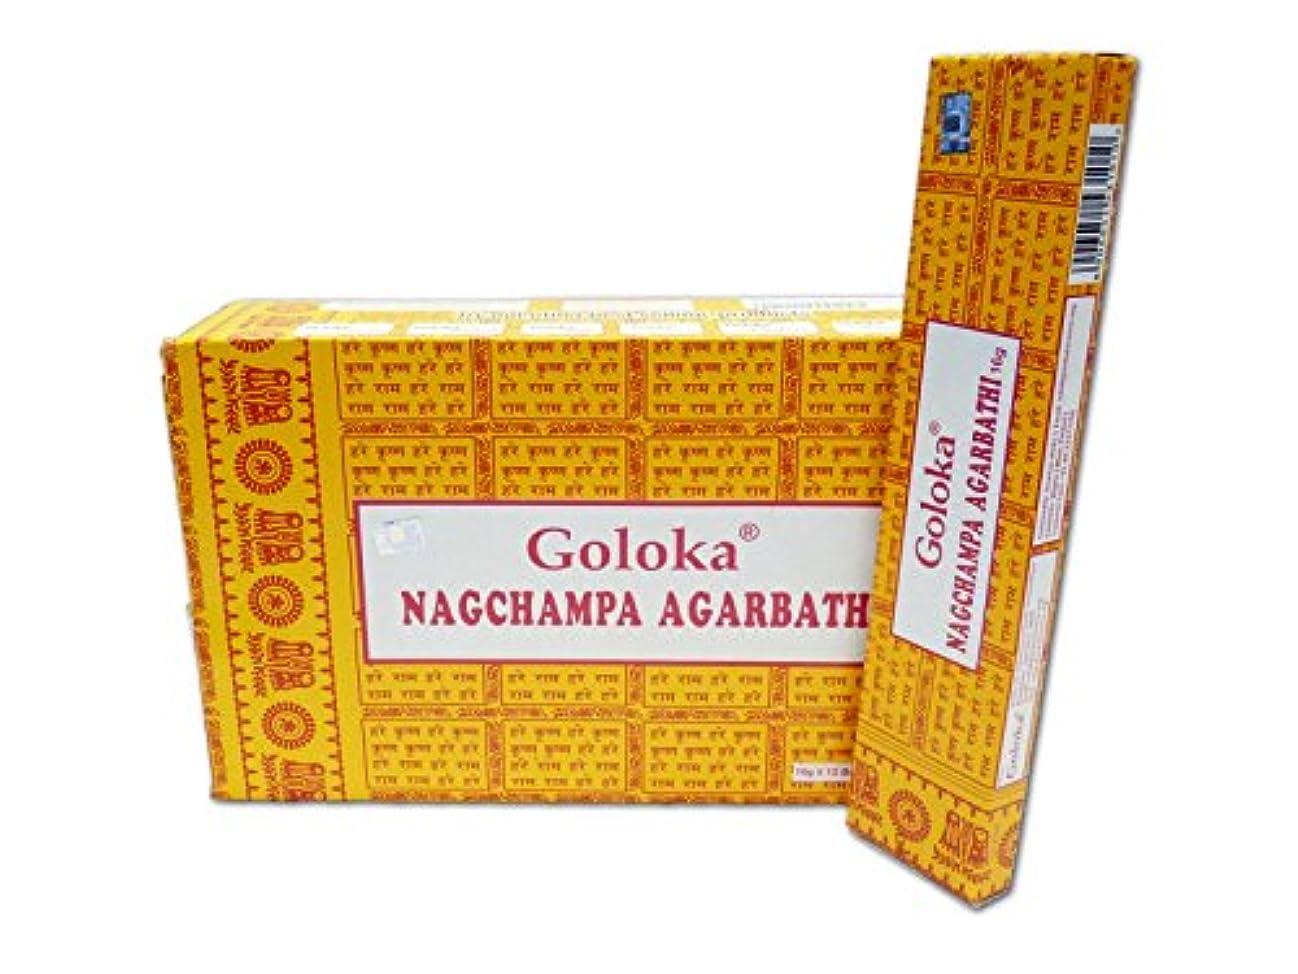 時焦げ保険Goloka Nag Champa Incense, 16 Gms x 12 boxes